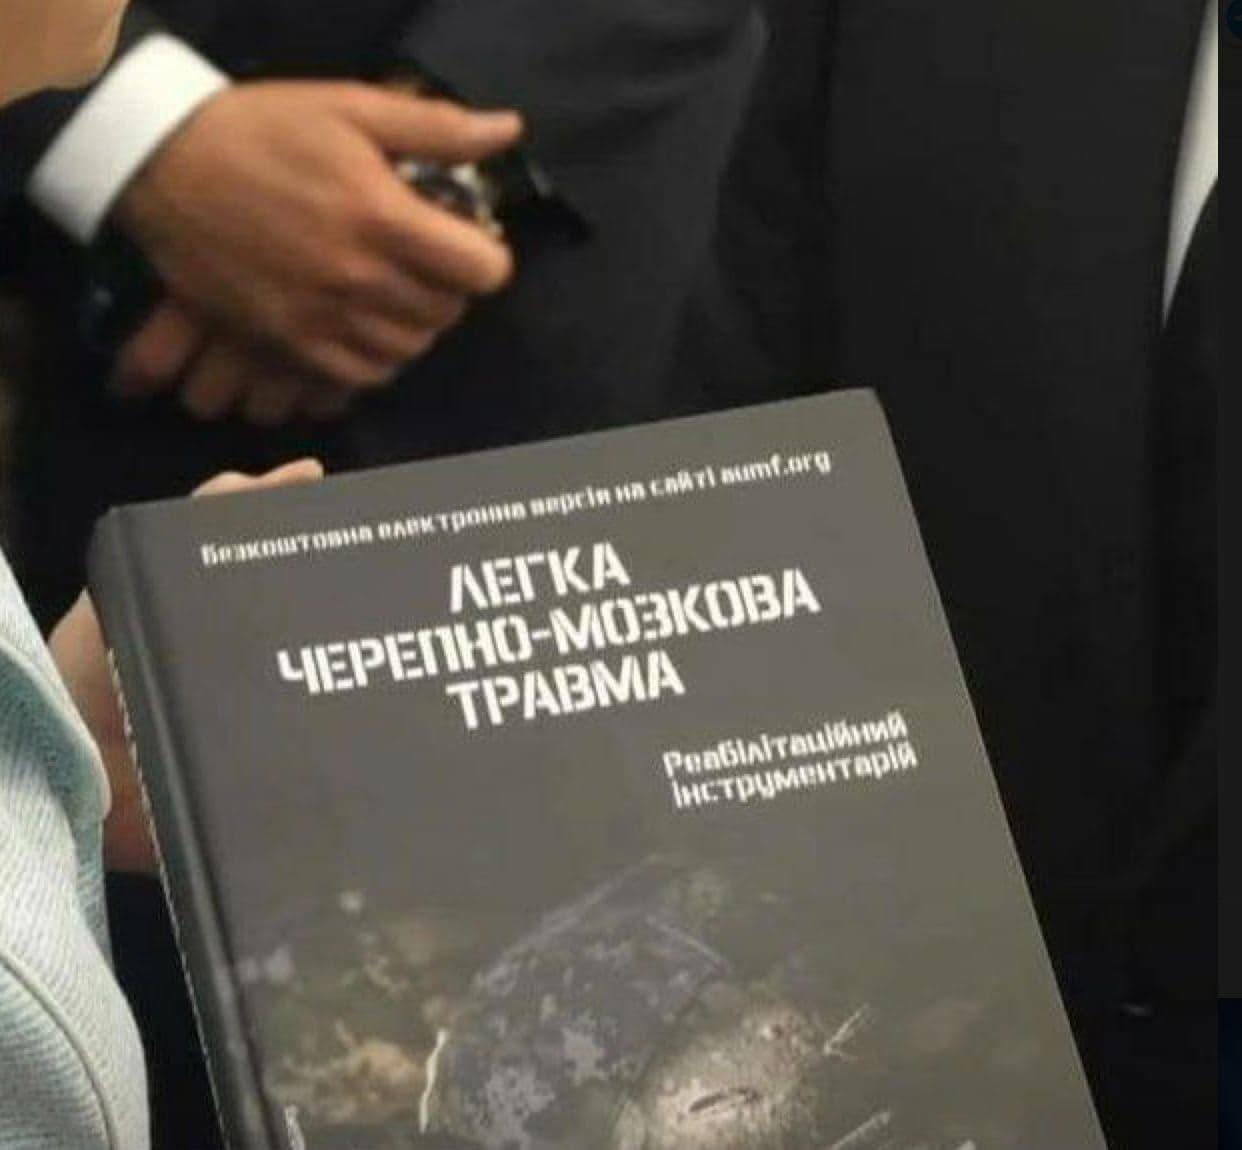 """Зеленскому в Соединенных Штатах подарили книгу под названием """"Лёгкая черепно-мозговая травма"""""""